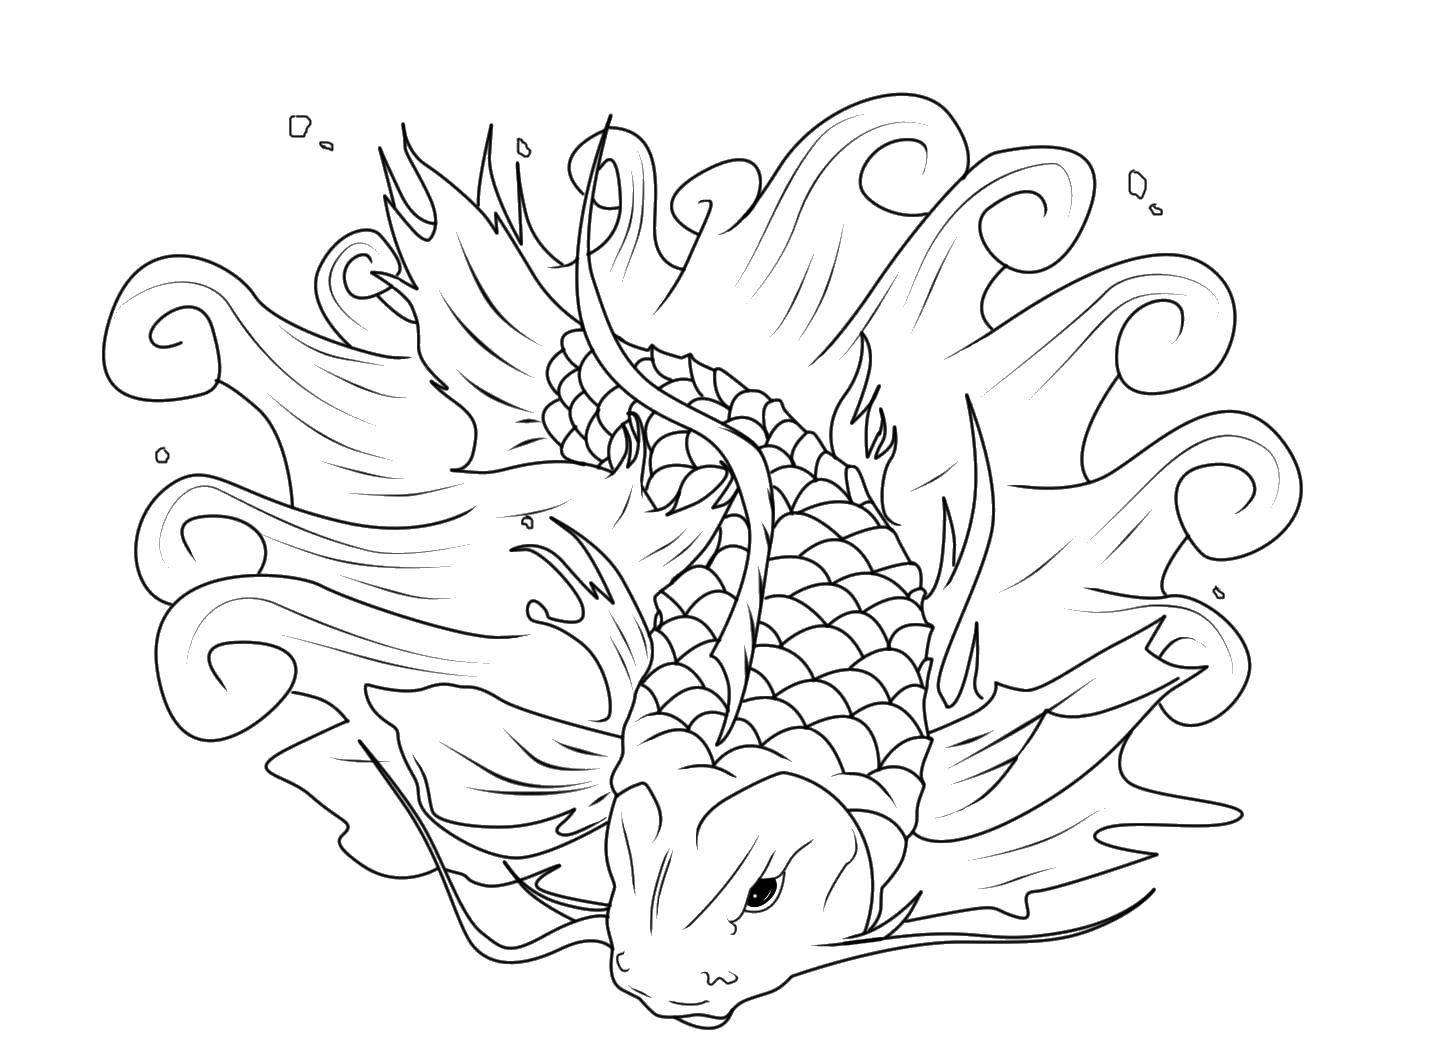 раскраски сом раскраска сом скользит по воде рыбы